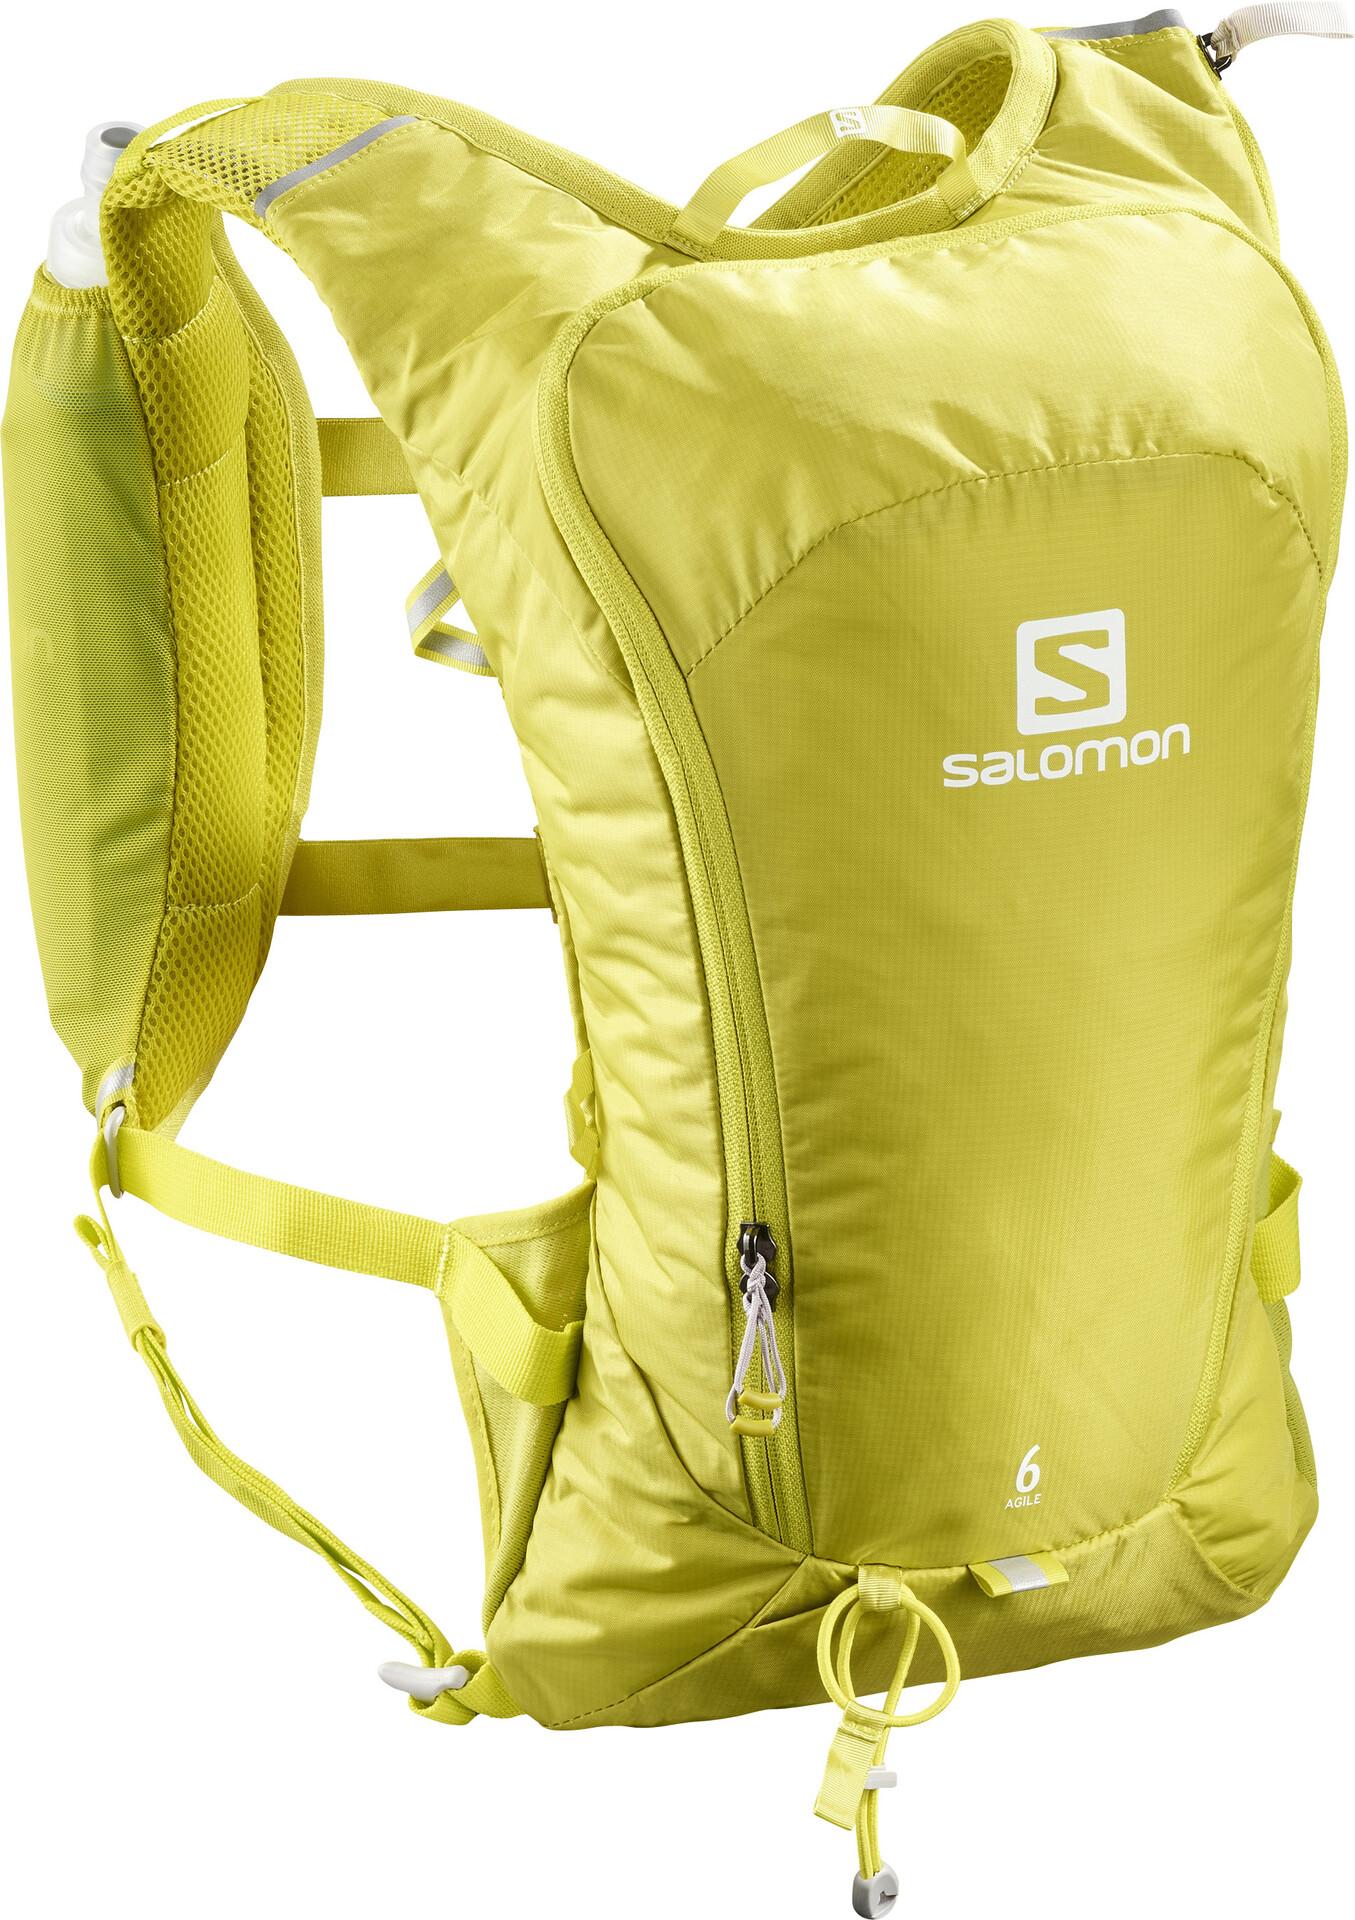 Salomon Agile 6 Set Blue